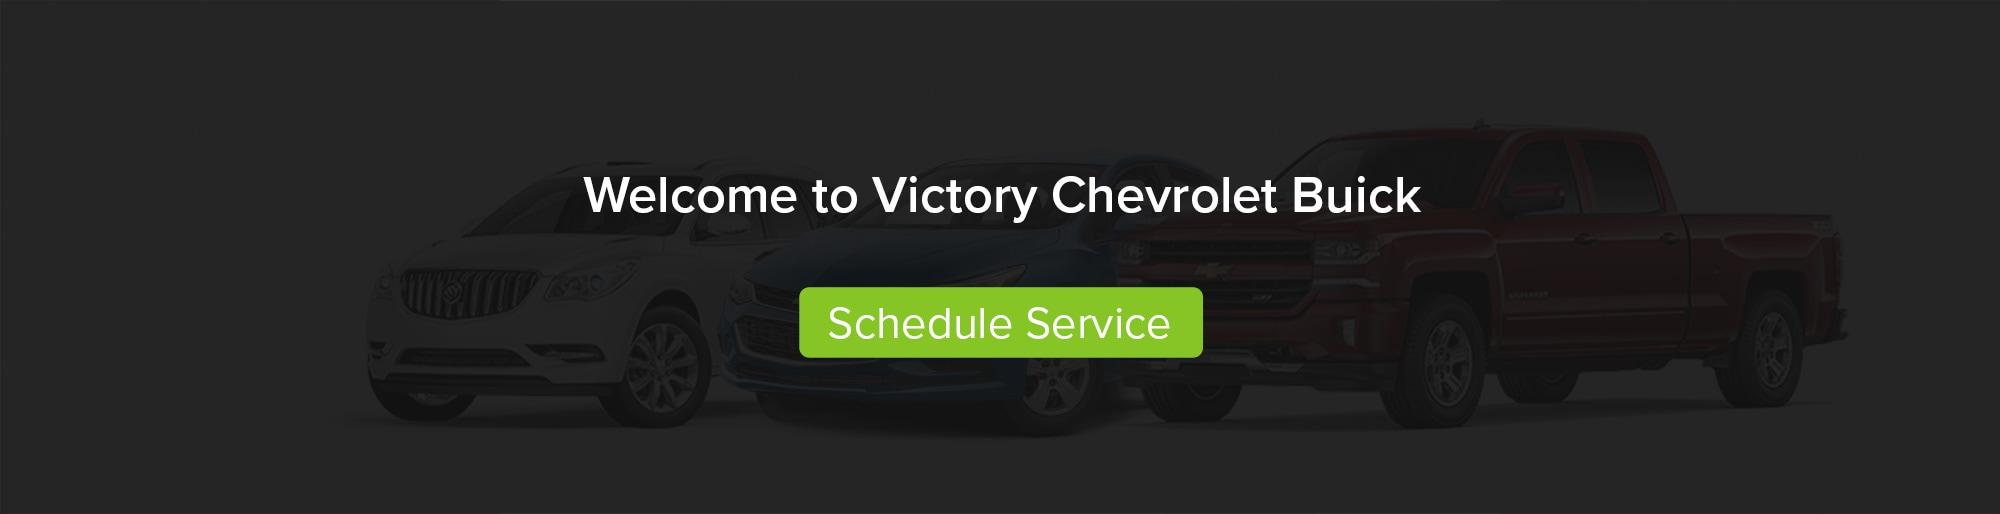 Chevrolet Buick Dealer Milan MI | New Chevrolet Buick, GM Certified ...